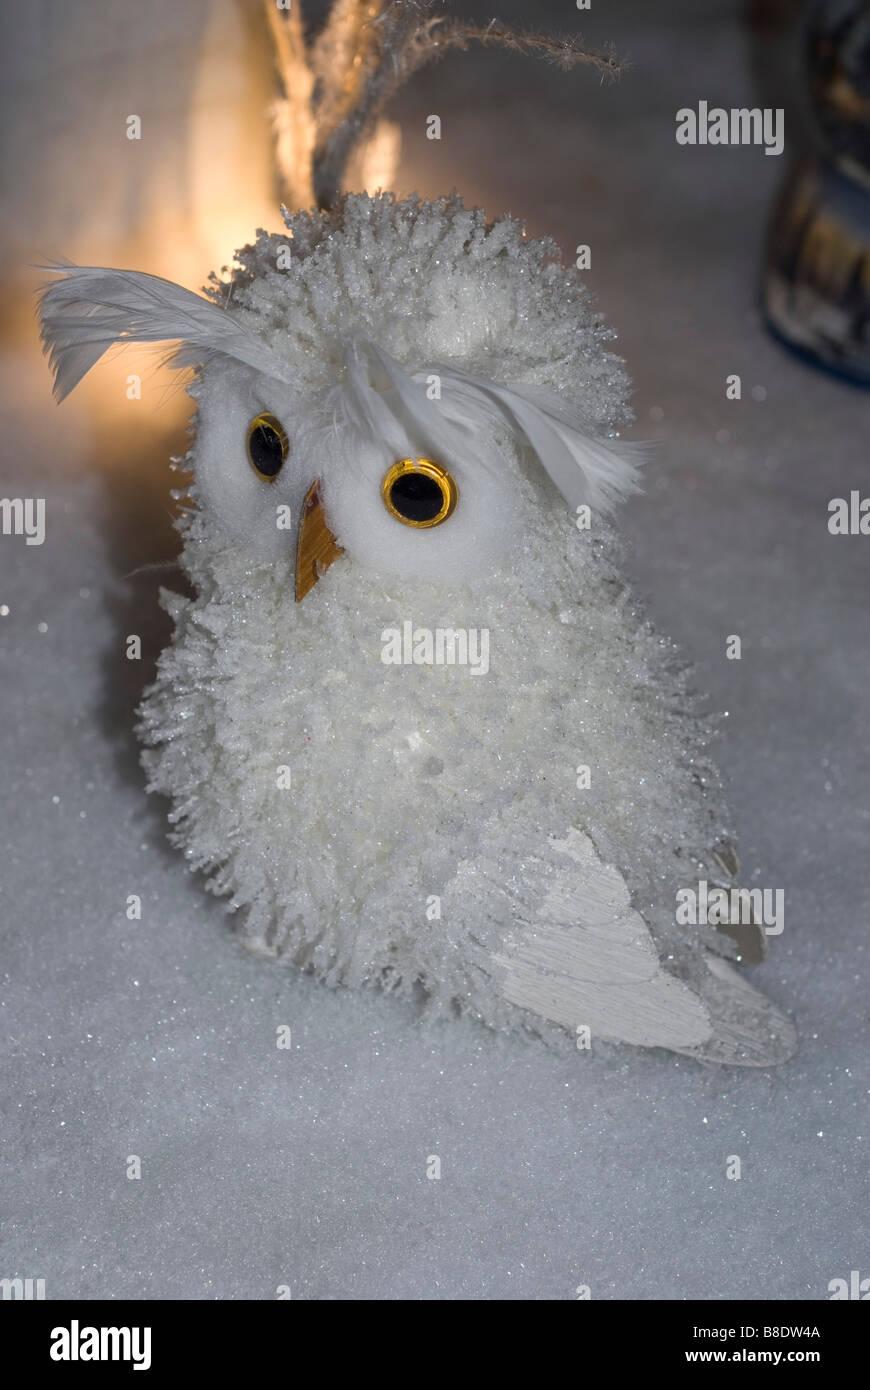 Eule Weihnachten Dekoration Stockfoto Bild 22432714 Alamy